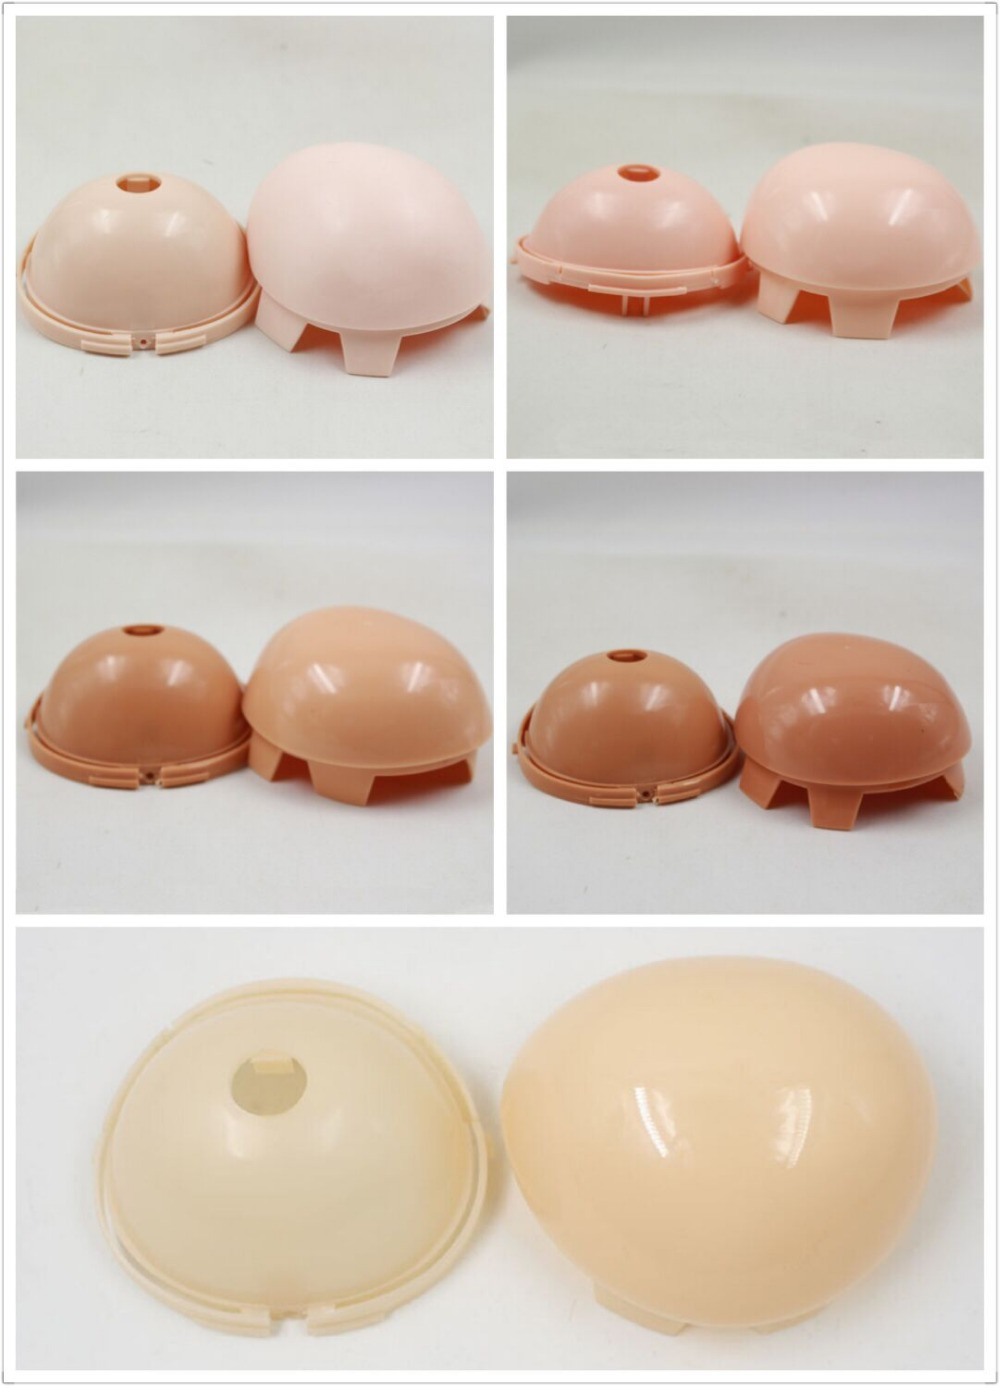 Puppe kopfhaut 5 satz/beutel geeignet für blyth puppe-in Puppen-Zubehör aus Spielzeug und Hobbys bei  Gruppe 1